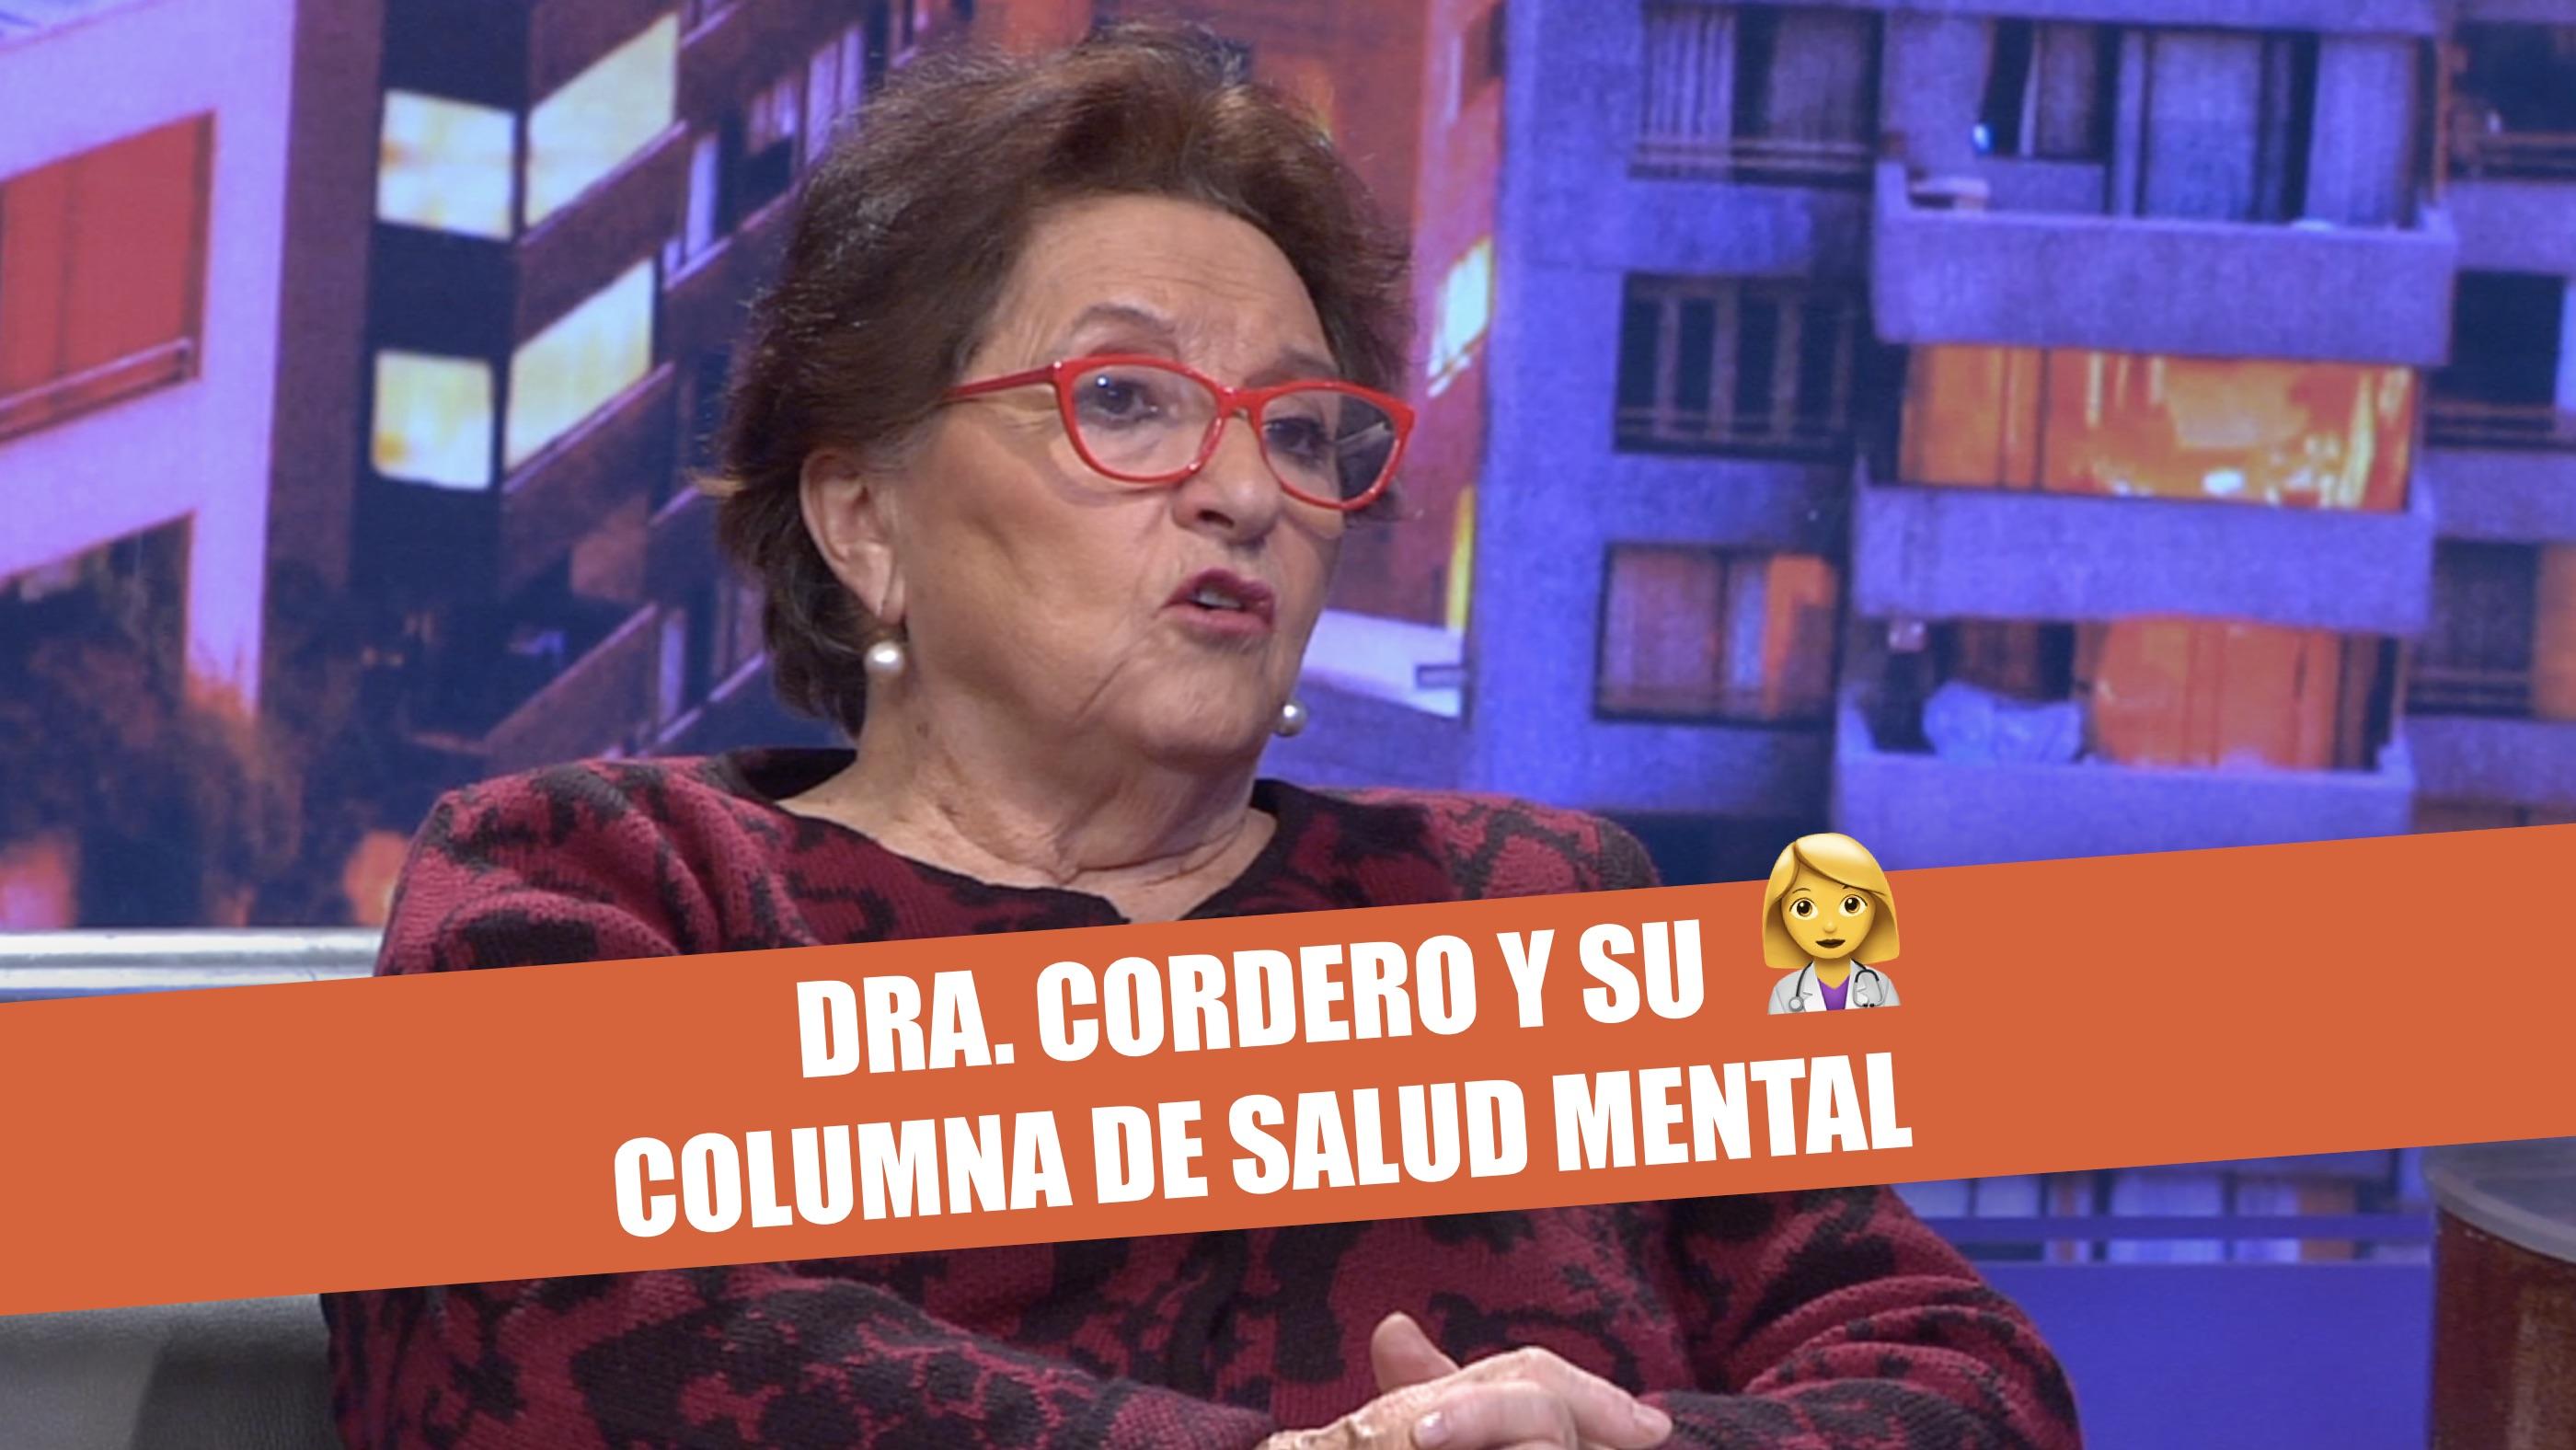 #Revive lo mejor de la Dra. Cordero